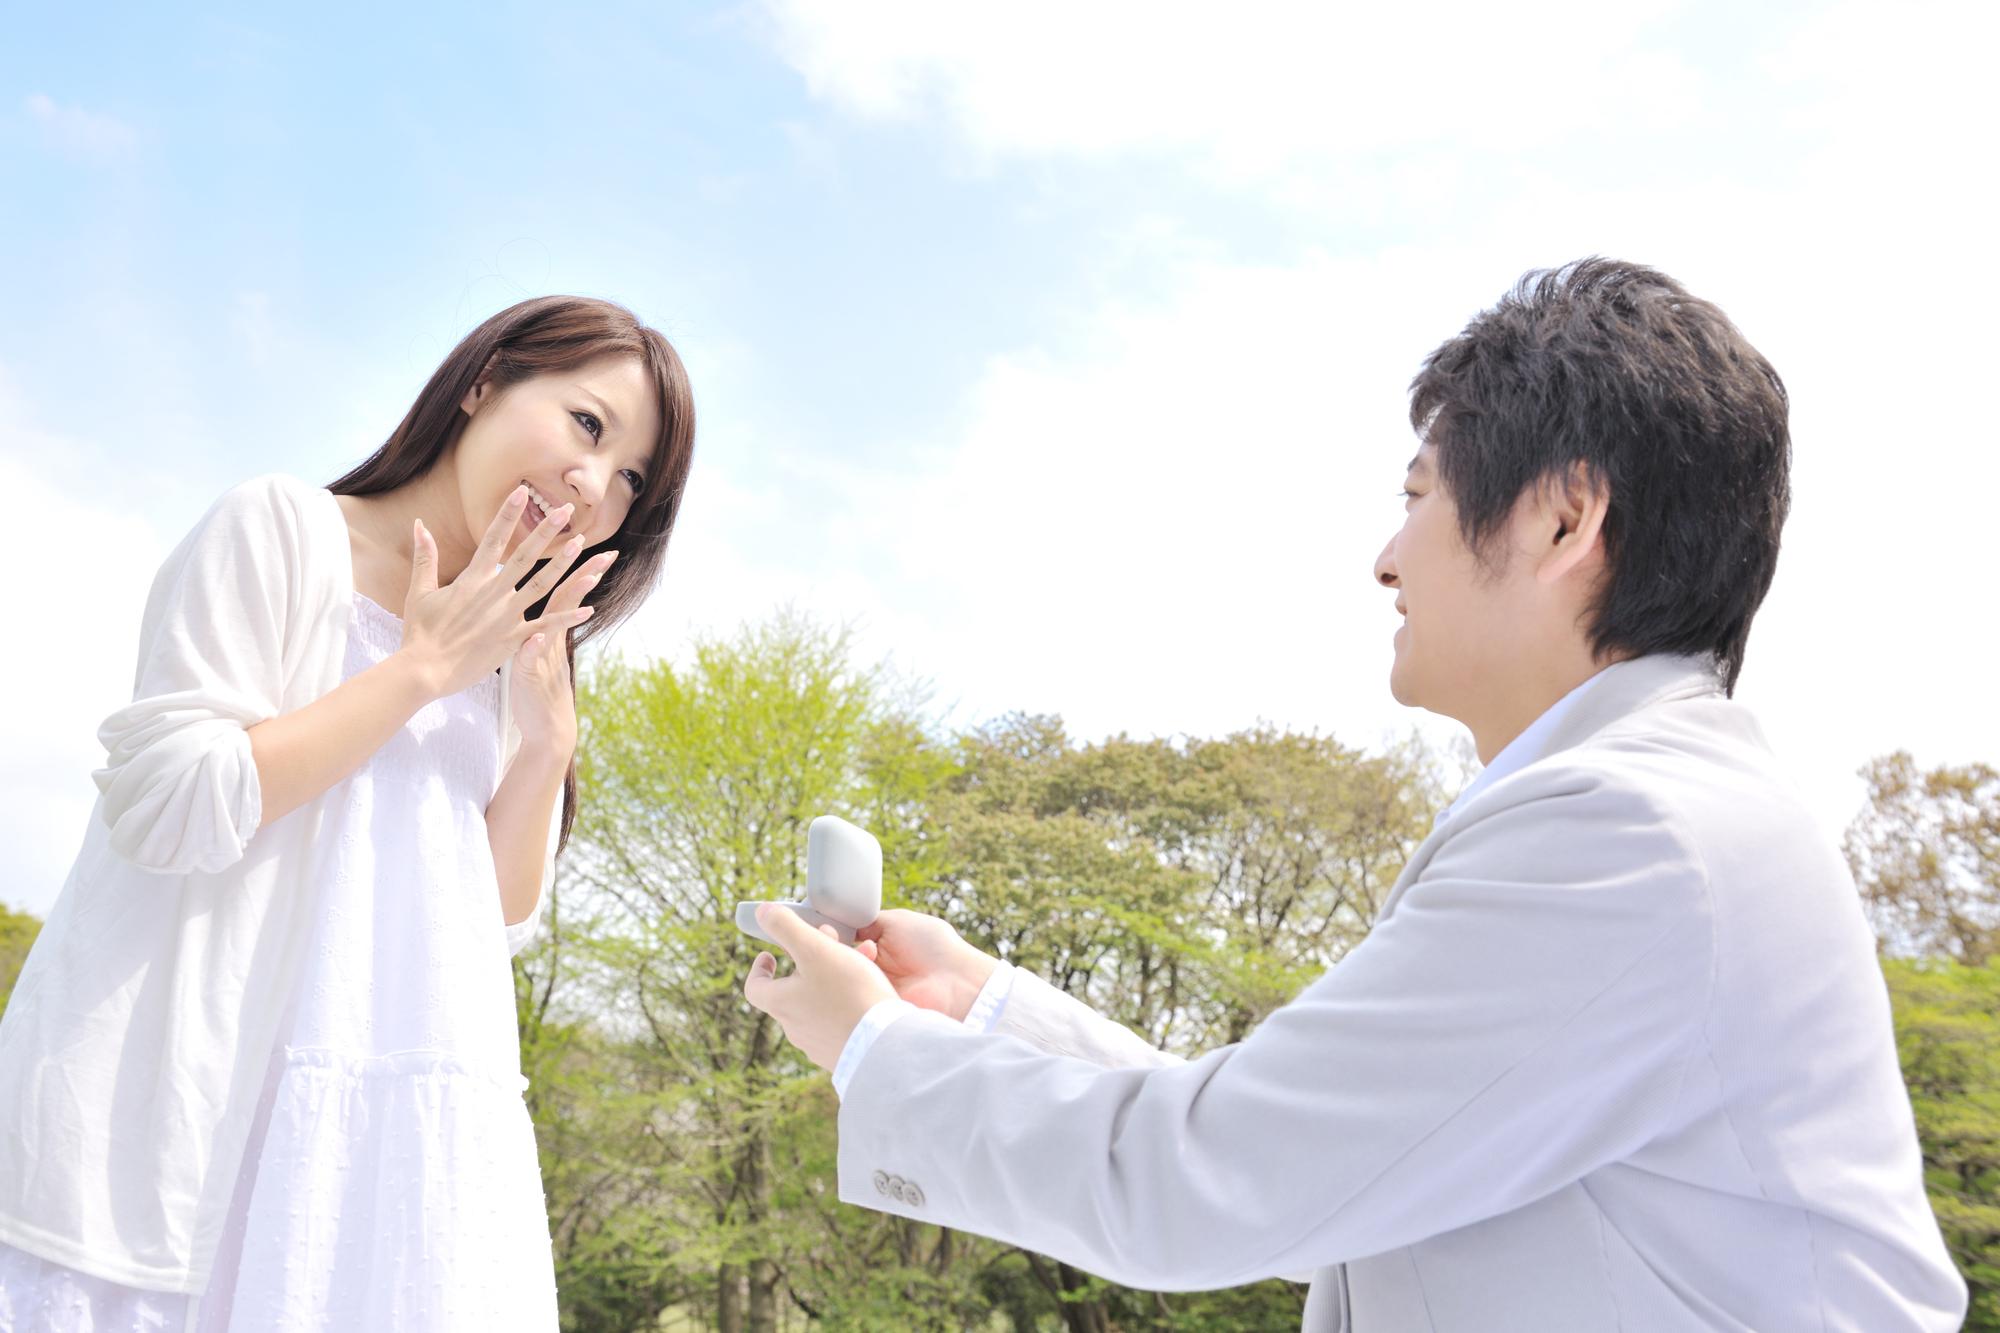 「プロポーズ驚き」の画像検索結果